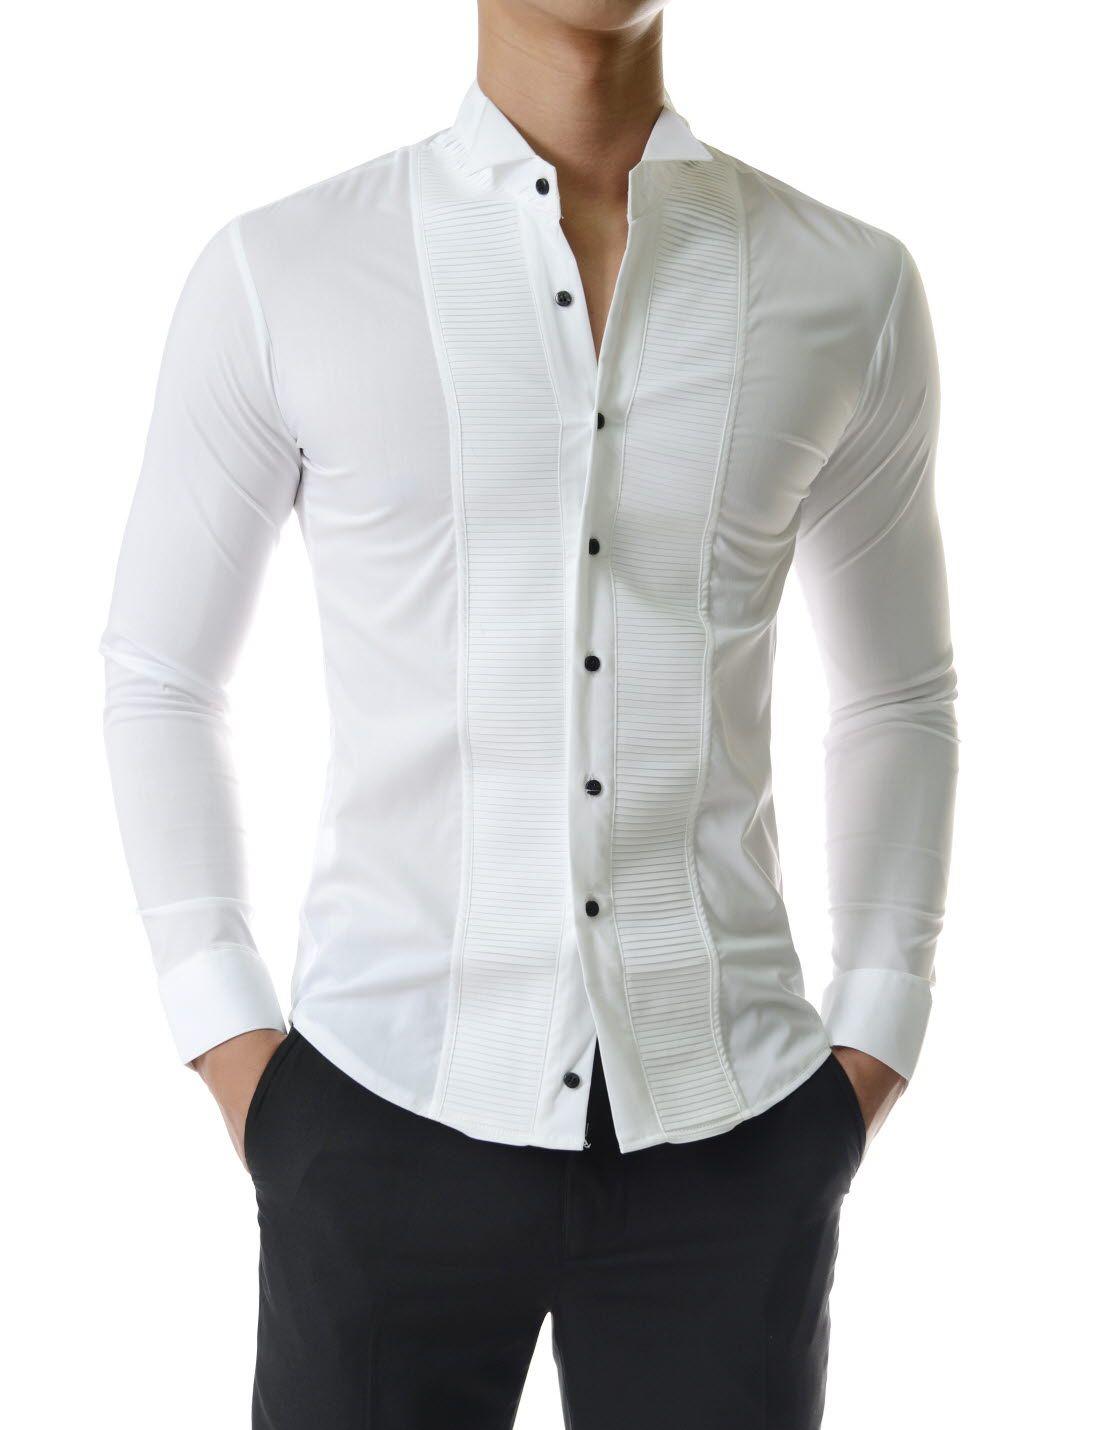 Men's v-neck tuxedo shirt